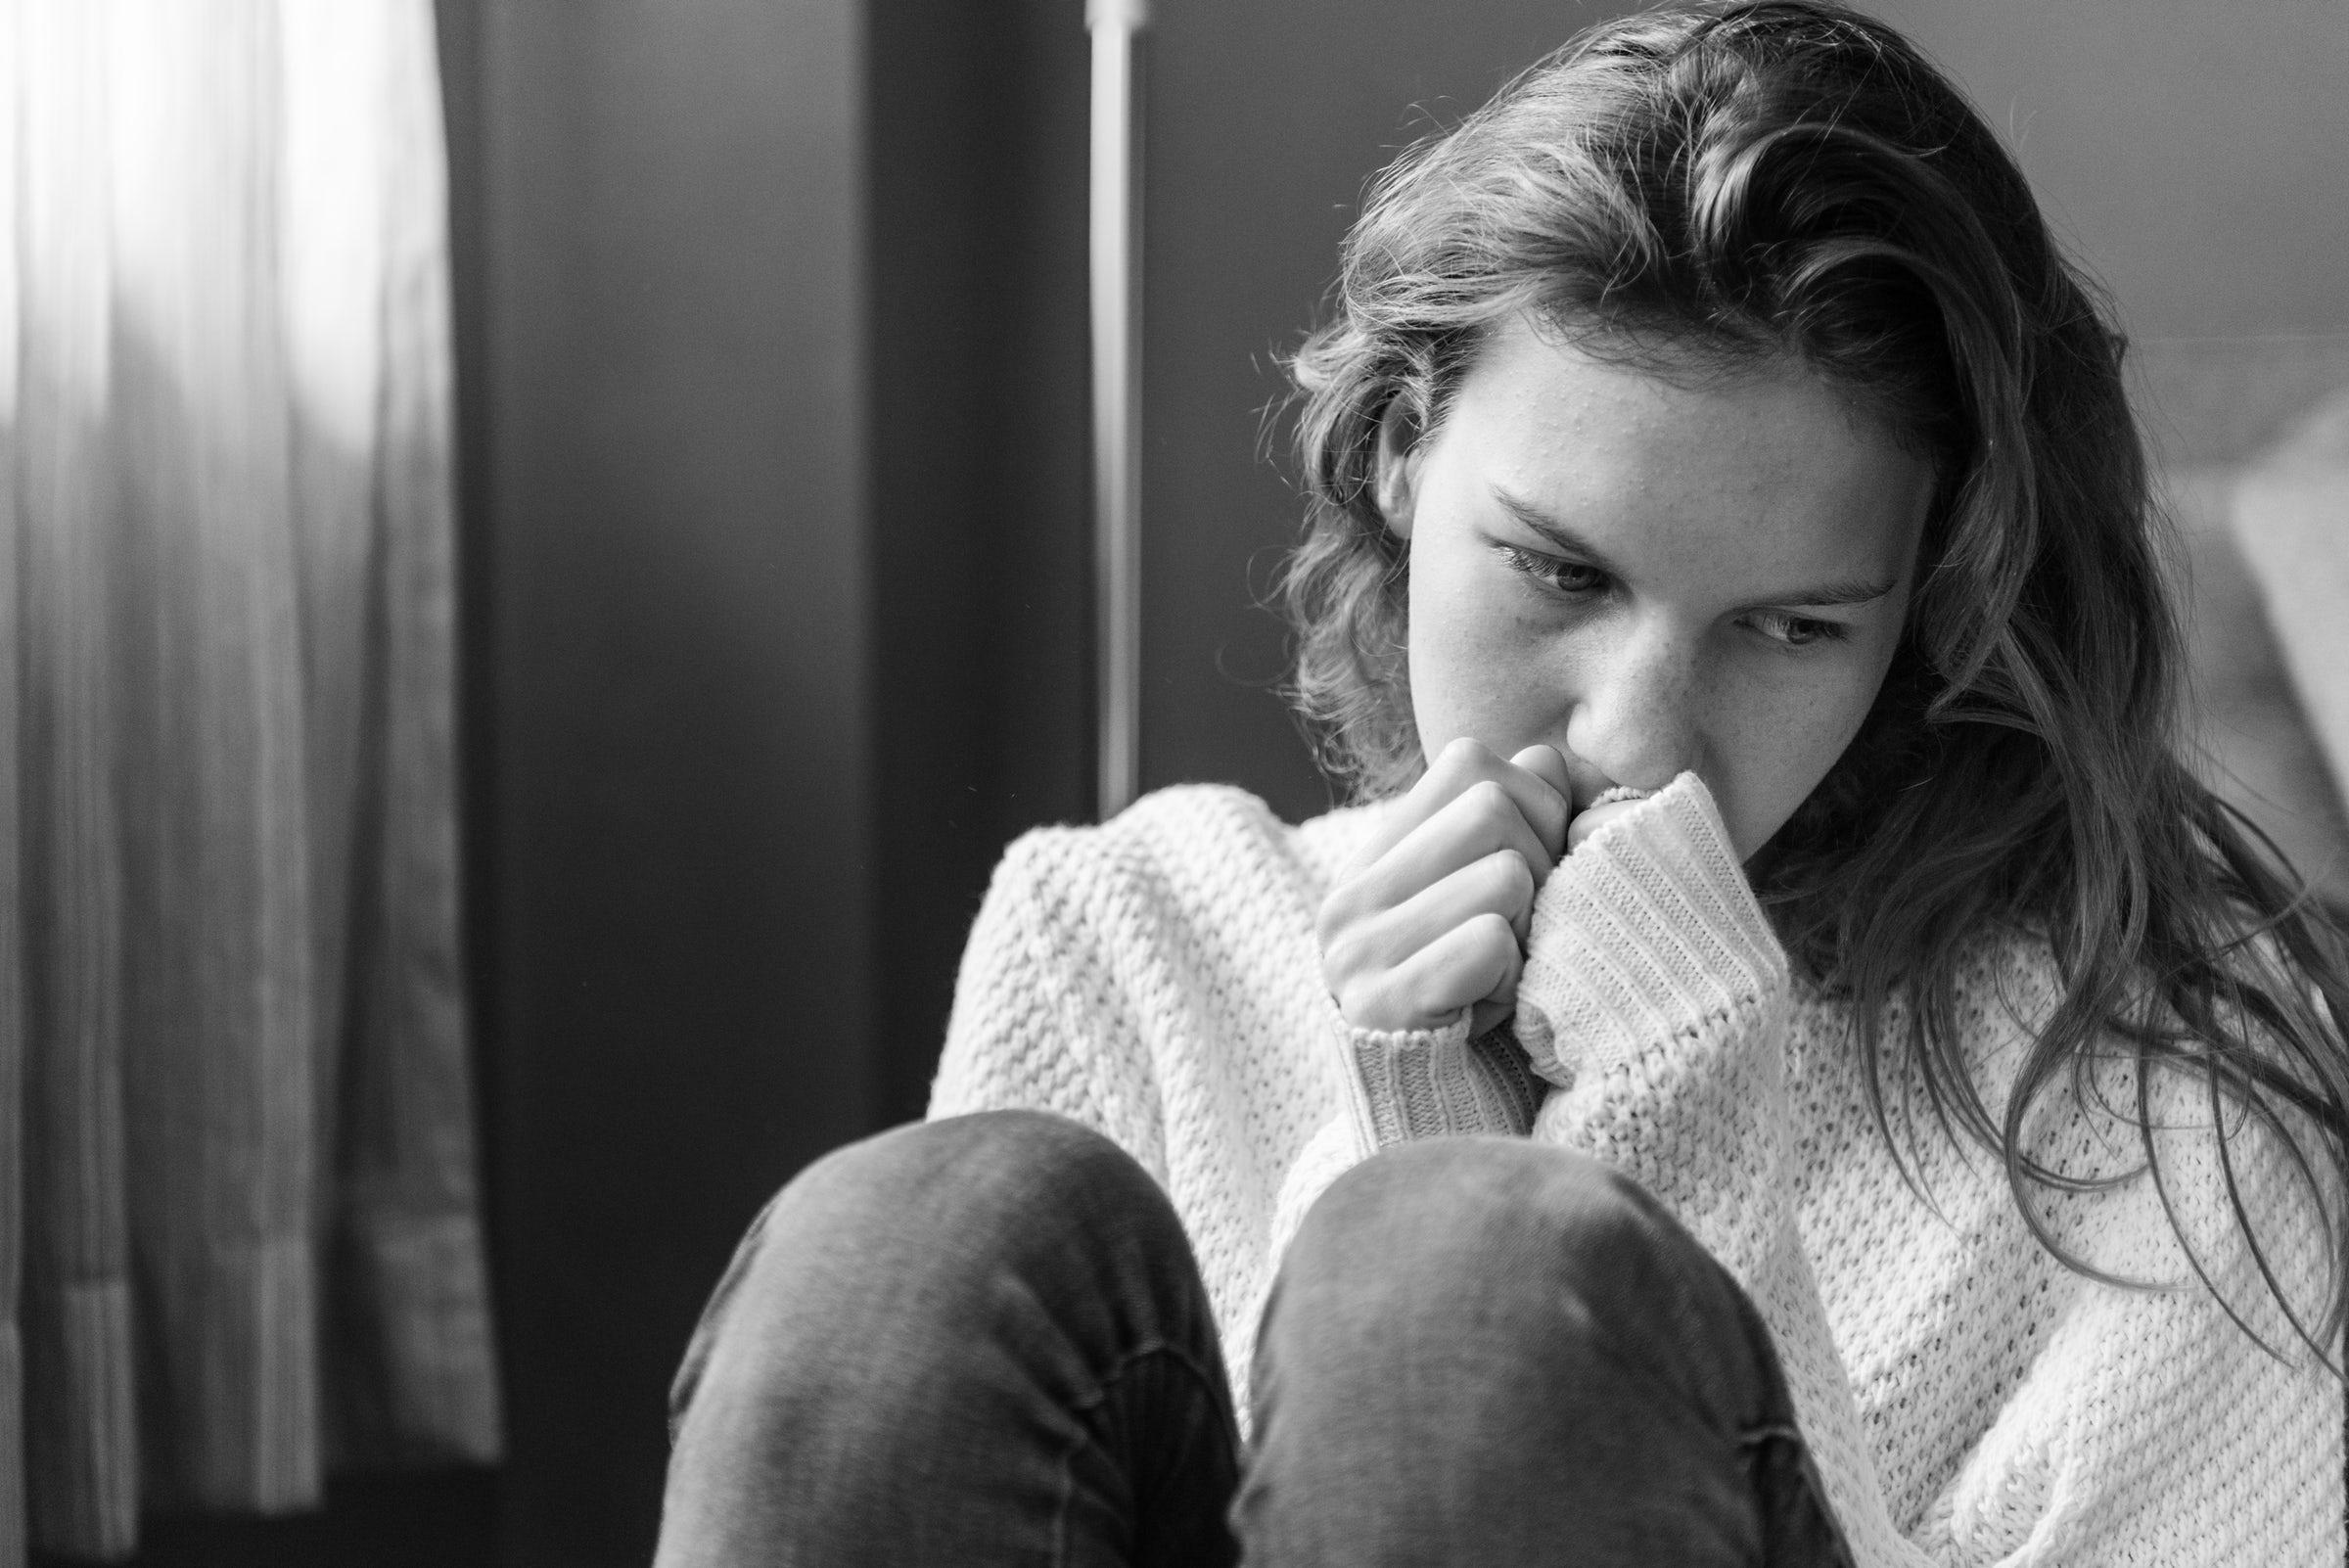 Инвазивная стимуляция орбитофронтальной коры помогла при депрессии